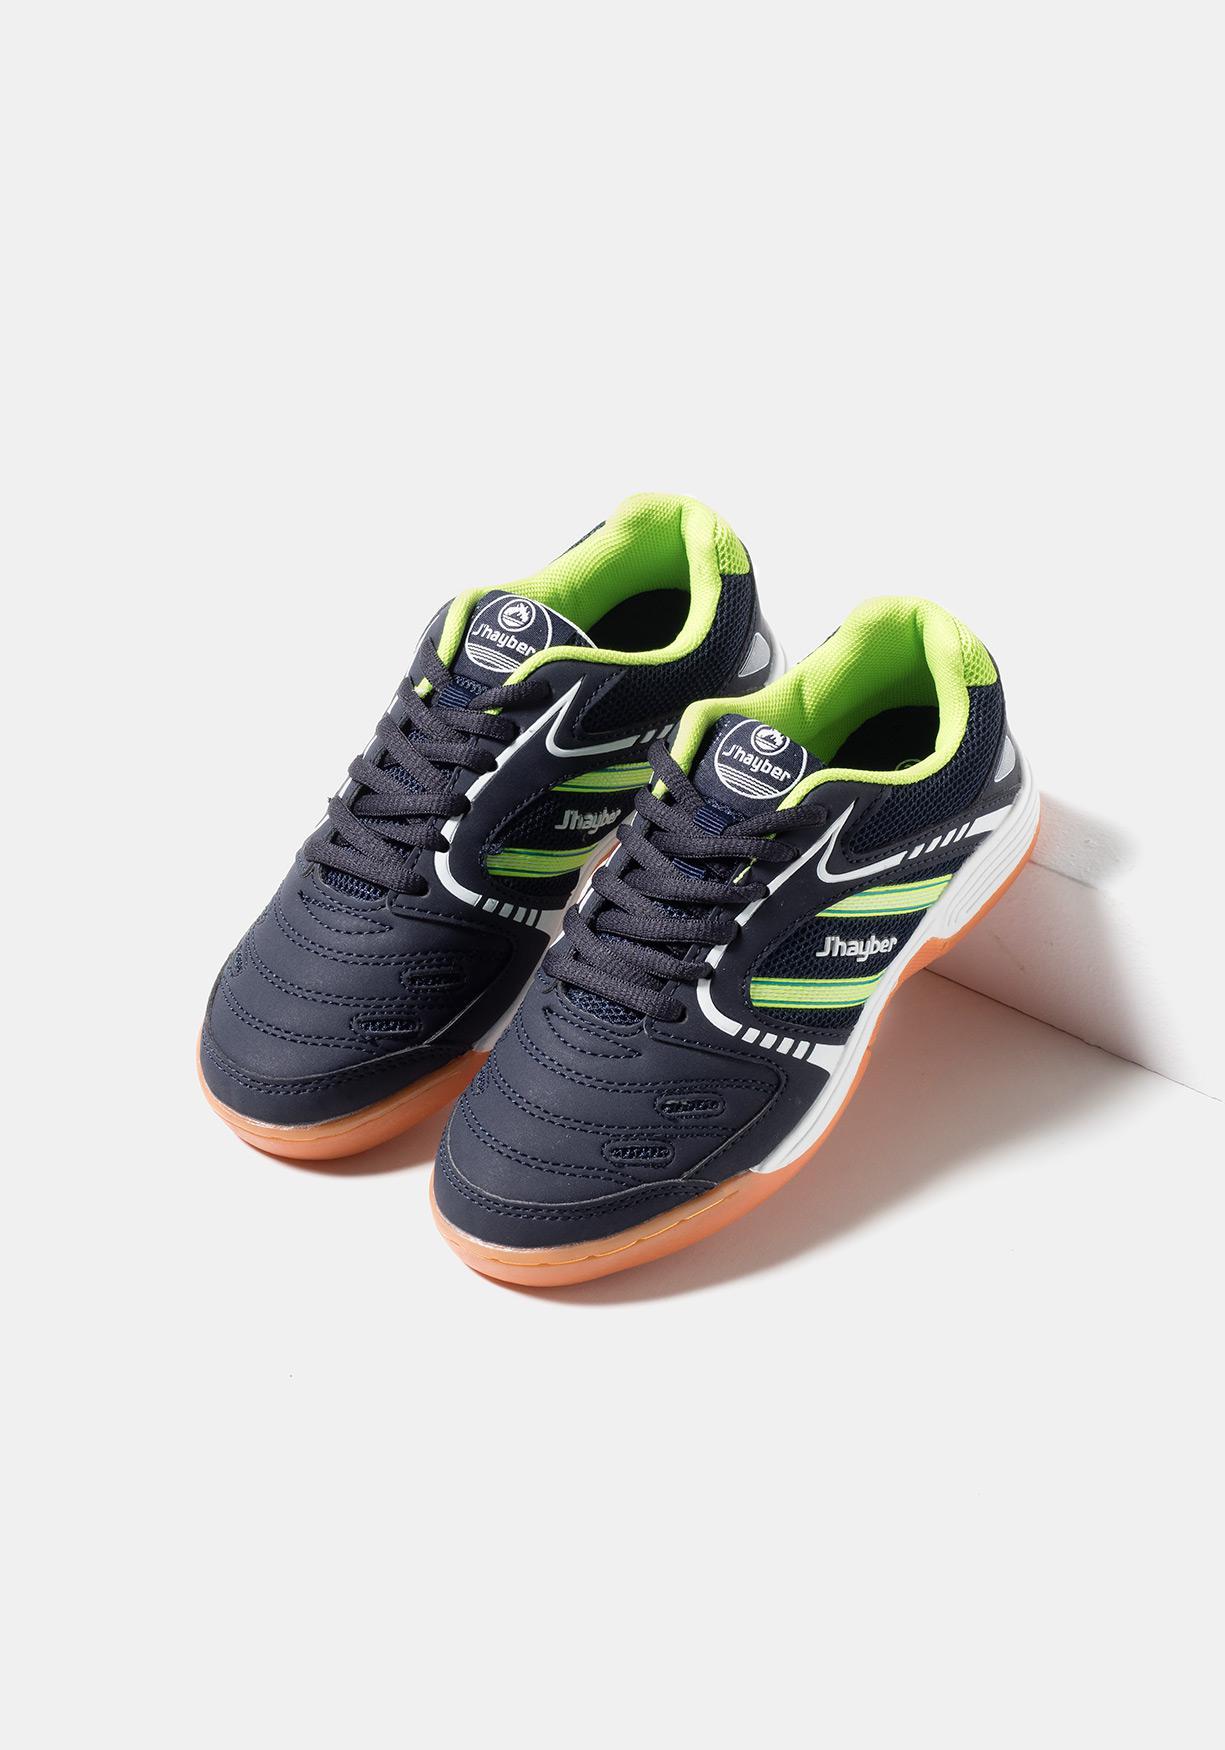 Comprar Zapatillas de fútbol sala J`HAYBER (Tallas 31 a 39 ... 82a775e88442c